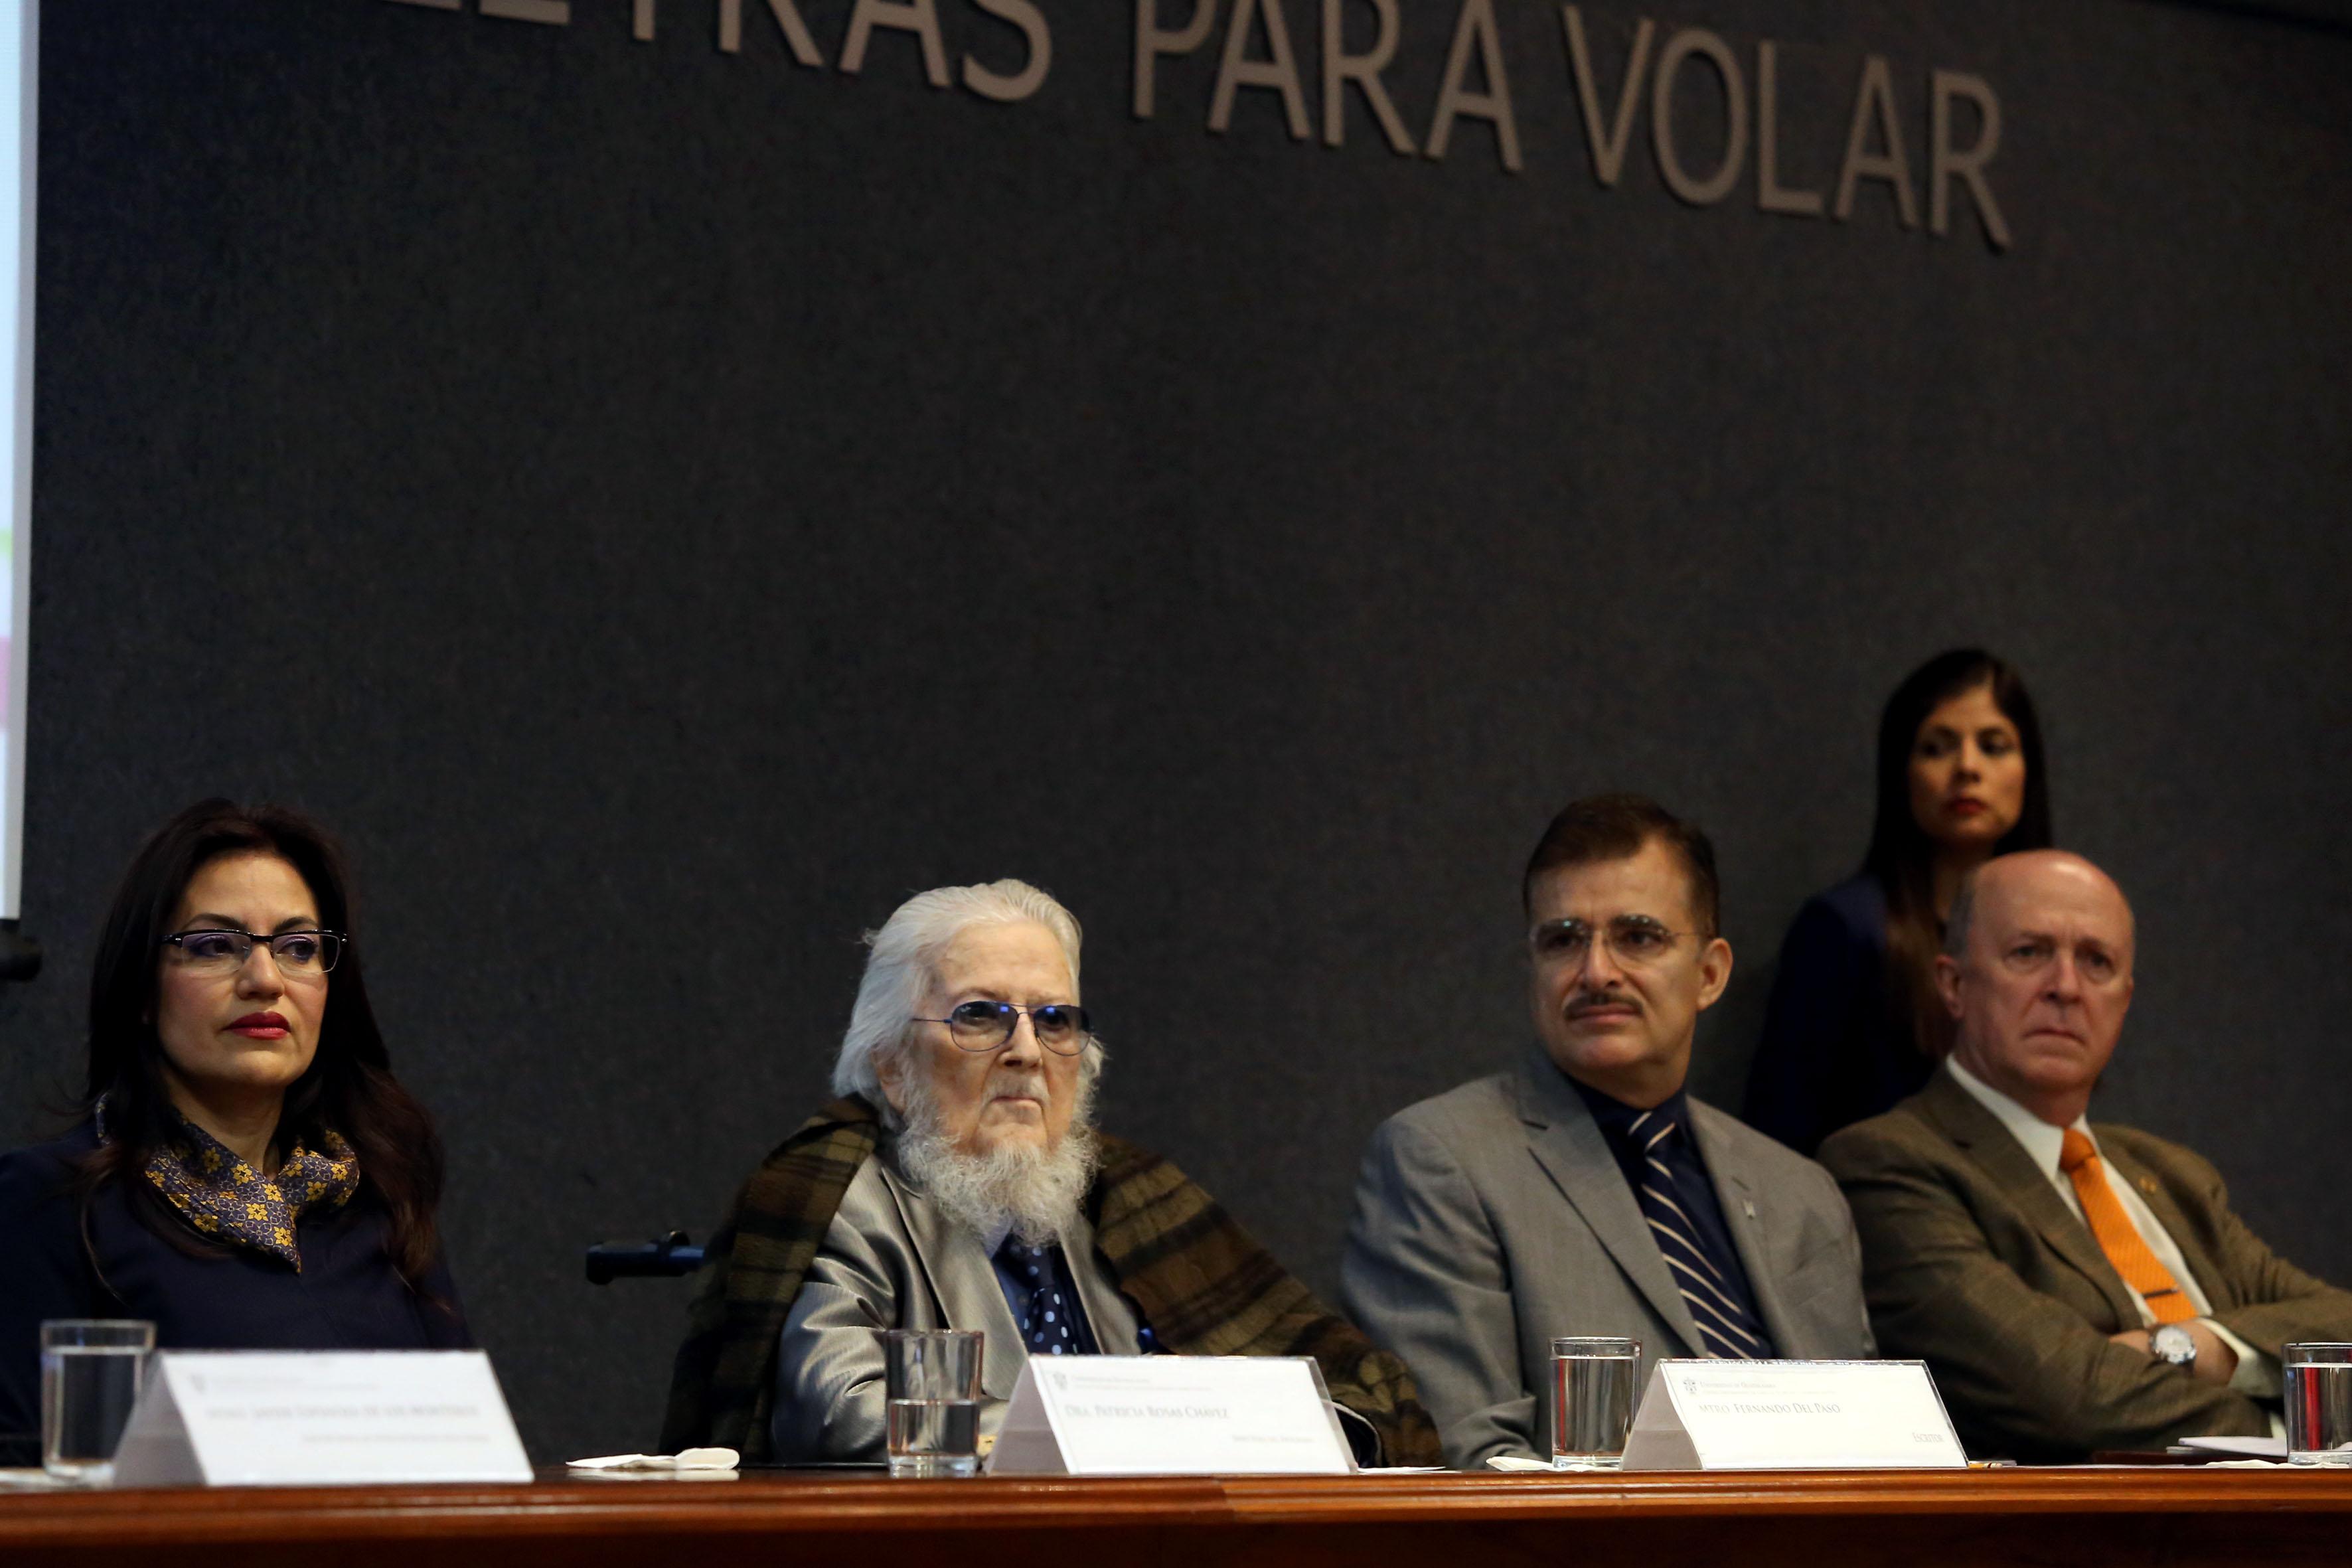 El escritor Fernándo del Paso y máximas autoridades universitarias de la UdeG, como panelistas en el séptimo informe de actividades del programa de promoción de la lectura de la UdeG, 2016-2017.